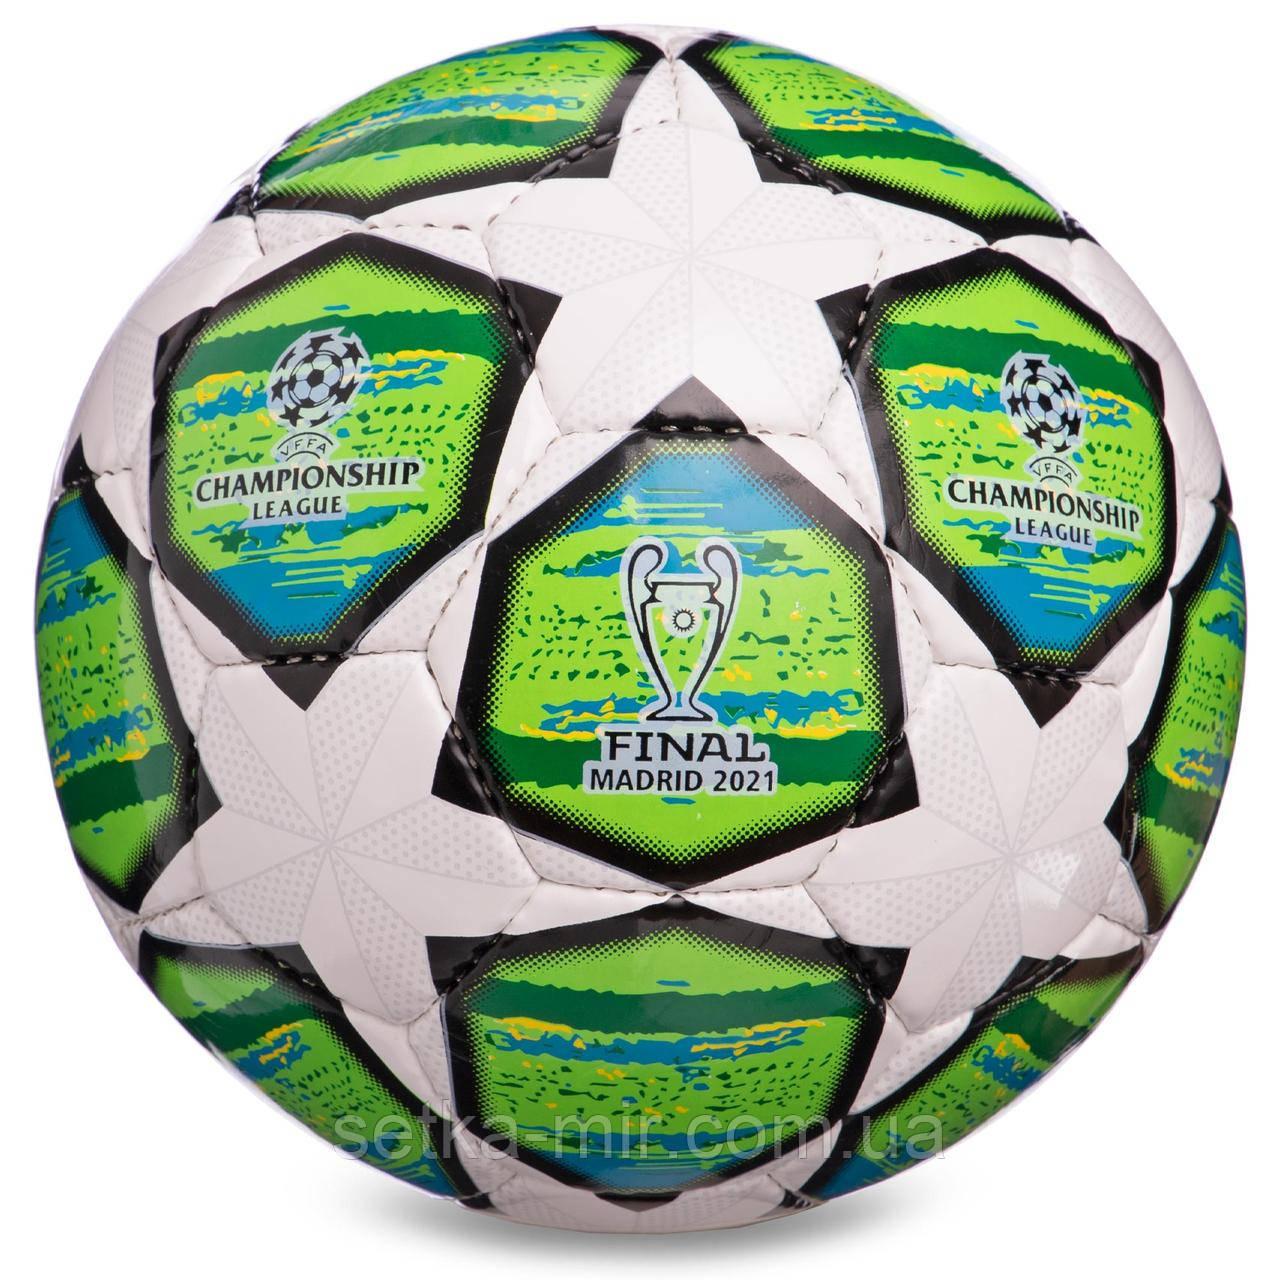 Мяч футбольный №5 PU ламин. CHAMPIONS LEAGUE FB-0149-1 (№5, 5 сл., сшит вручную, белый-зеленый)